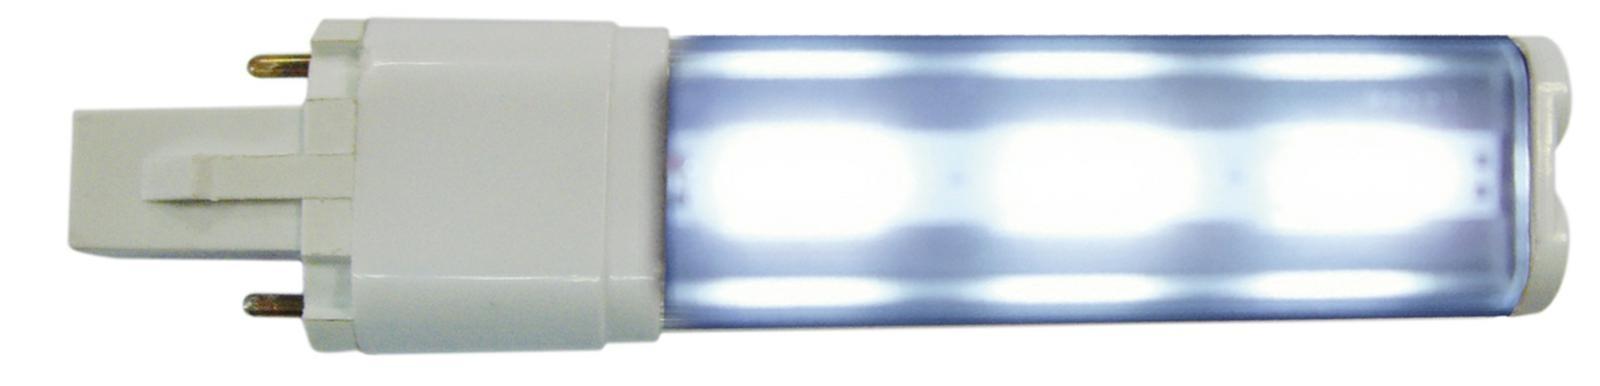 Plafoniere Per Acquari : Plafoniere a led di potenza per acqua dolce